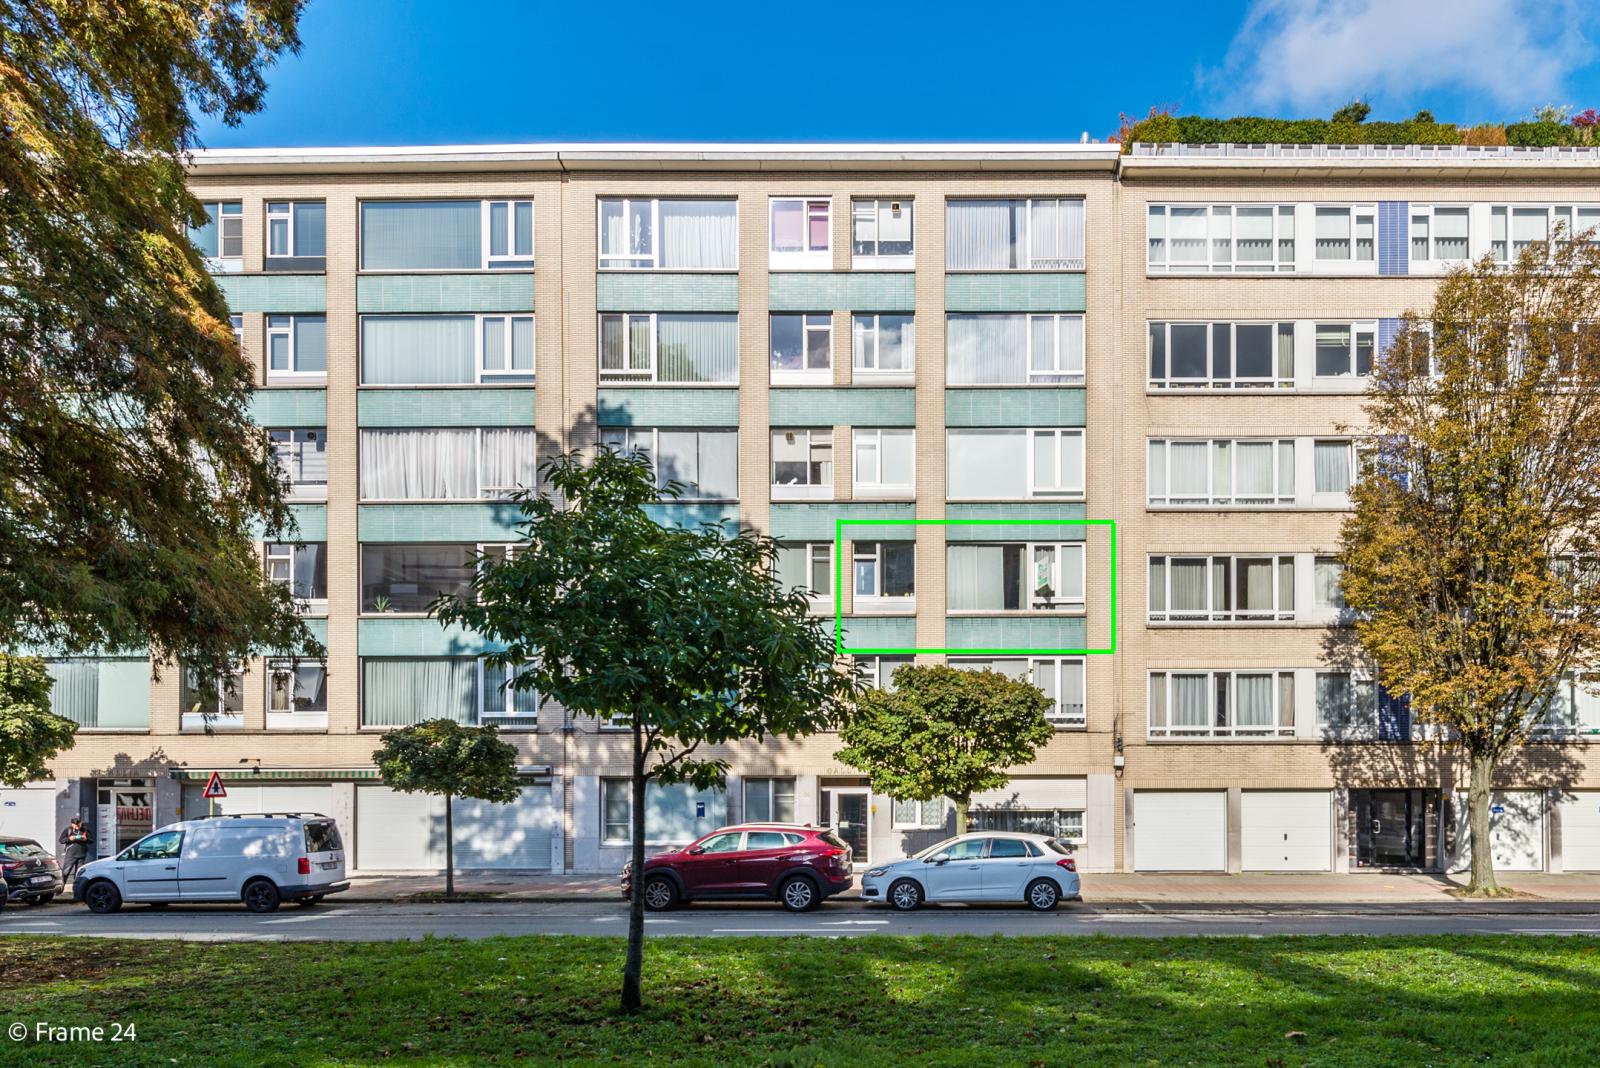 Zeer verzorgd en ruim appartement (101 m²) met lift op centrale locatie te Borgerhout! afbeelding 1